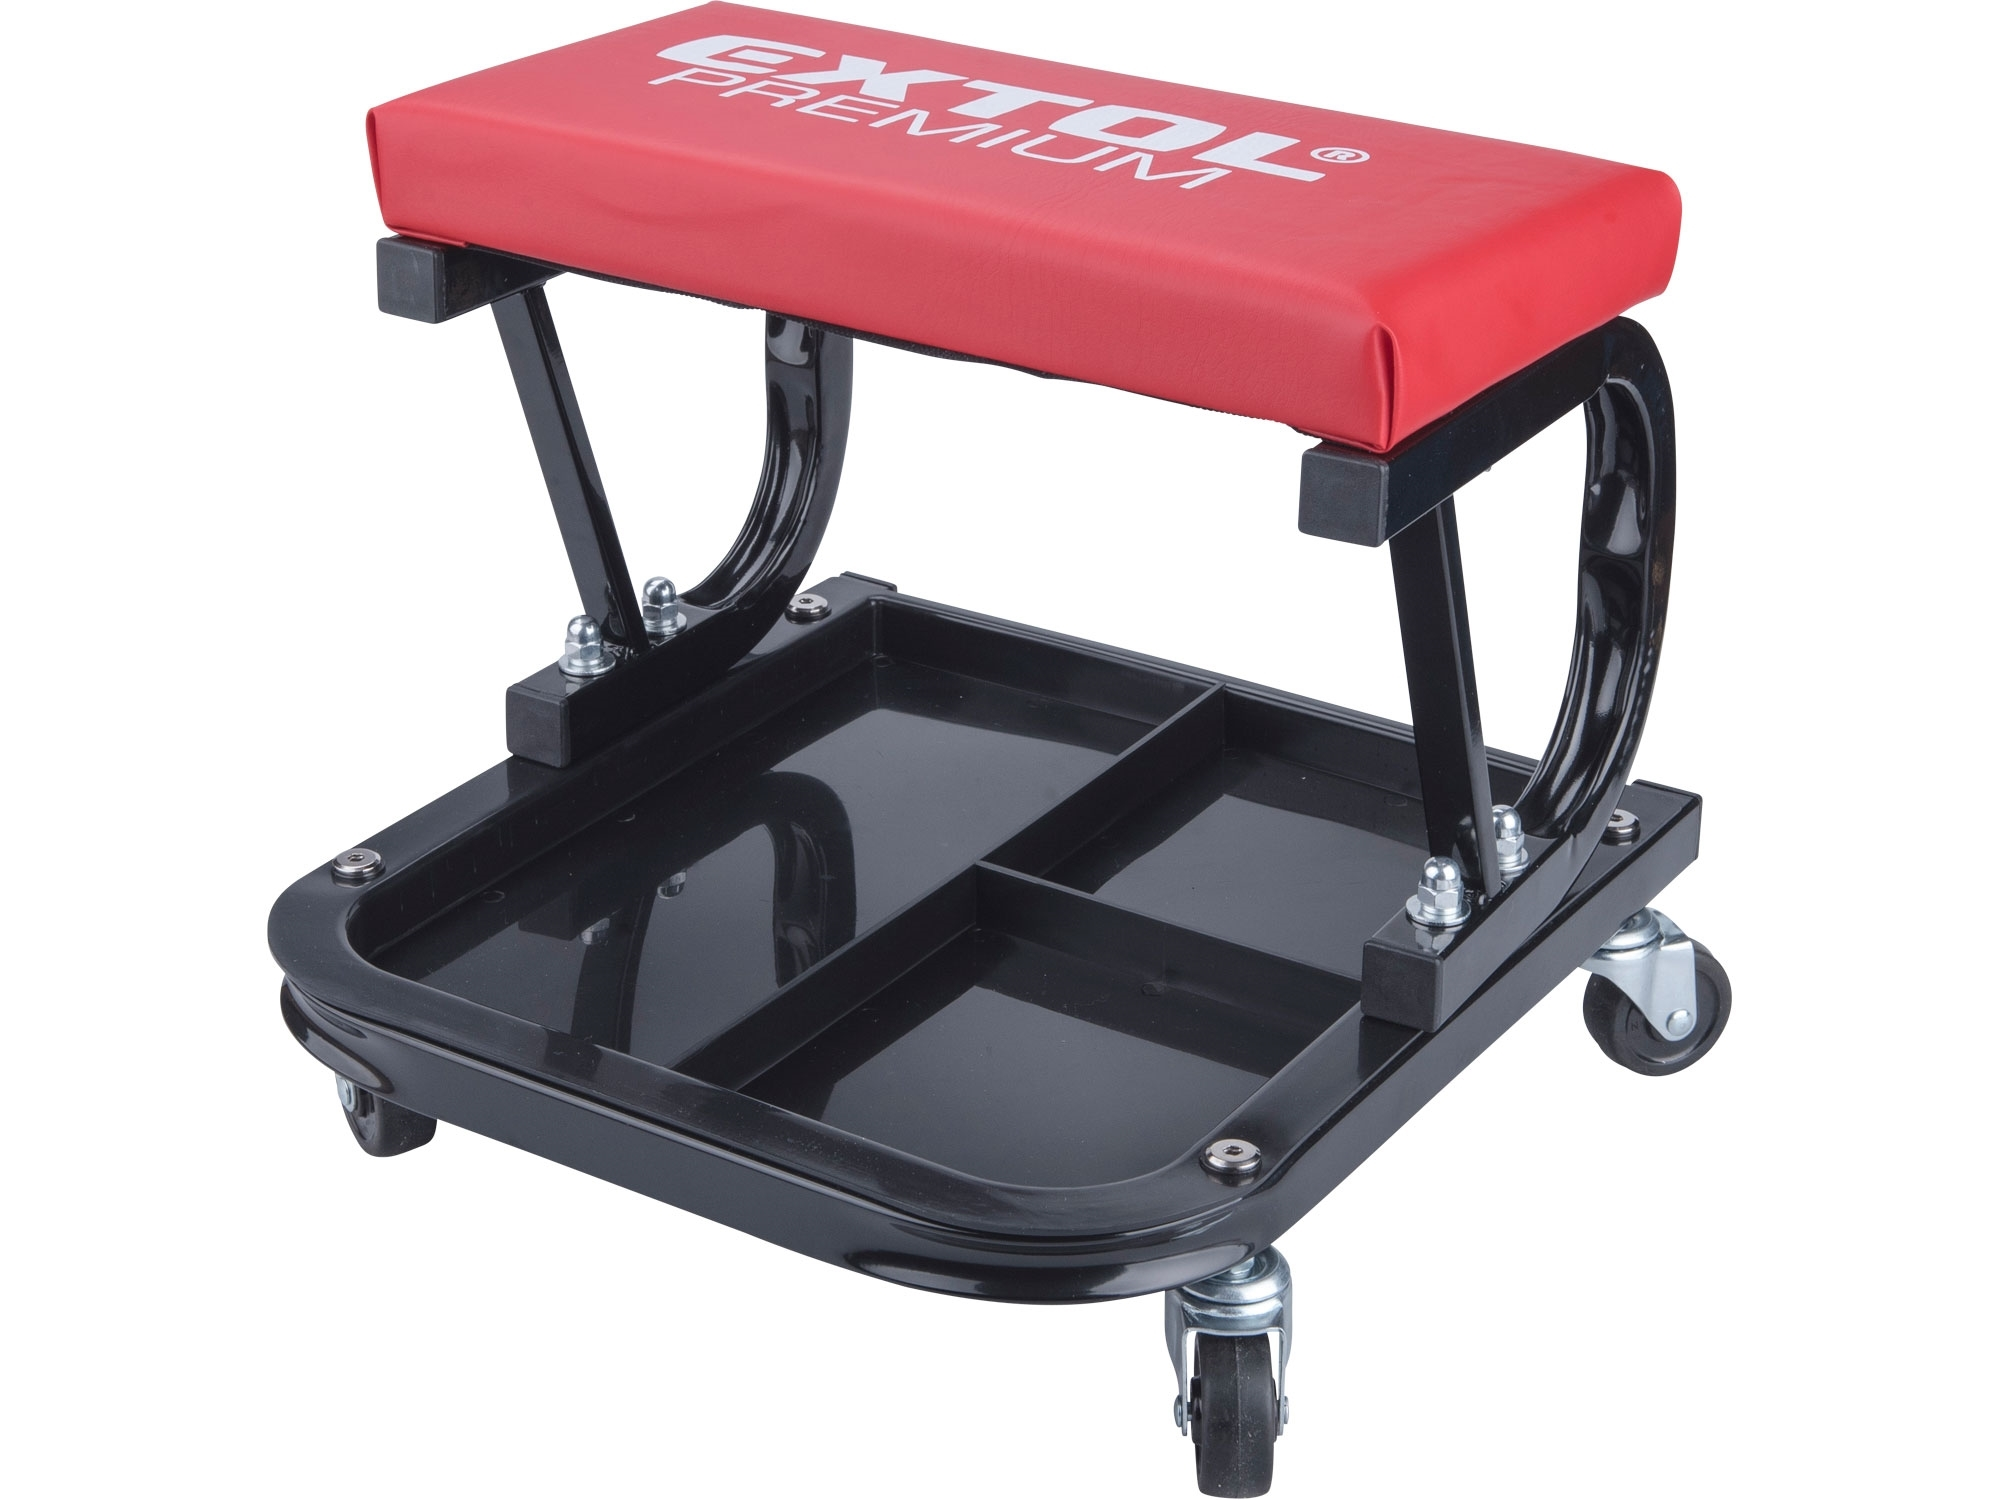 sedák montážní pojízdný, nosnost do 120kg, EXTOL PREMIUM 8863300